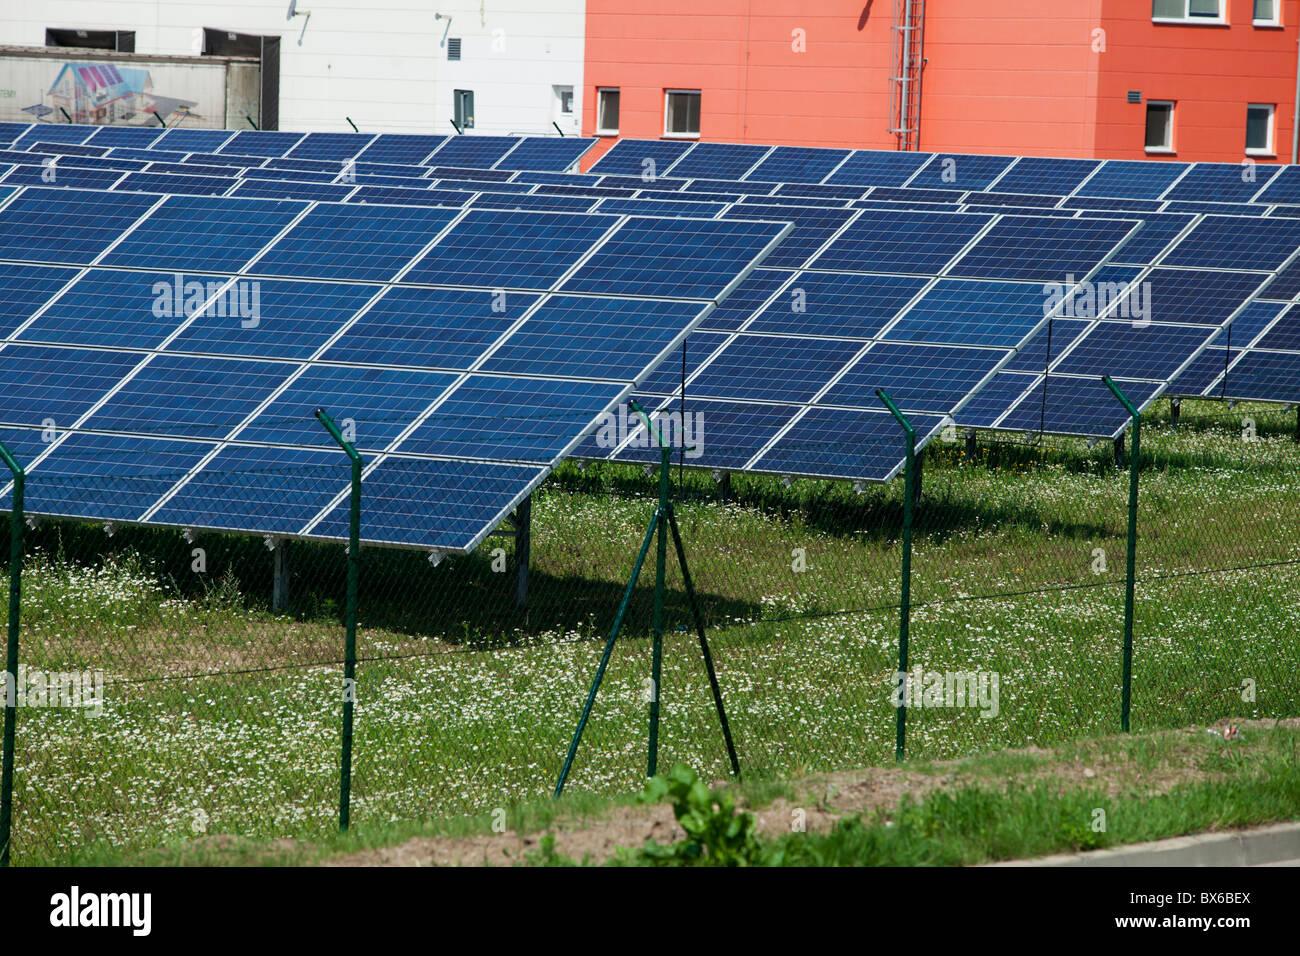 Pannelli solari, collezionisti, energia solare, energia solare power station in Litovel, Repubblica Ceca. Immagini Stock